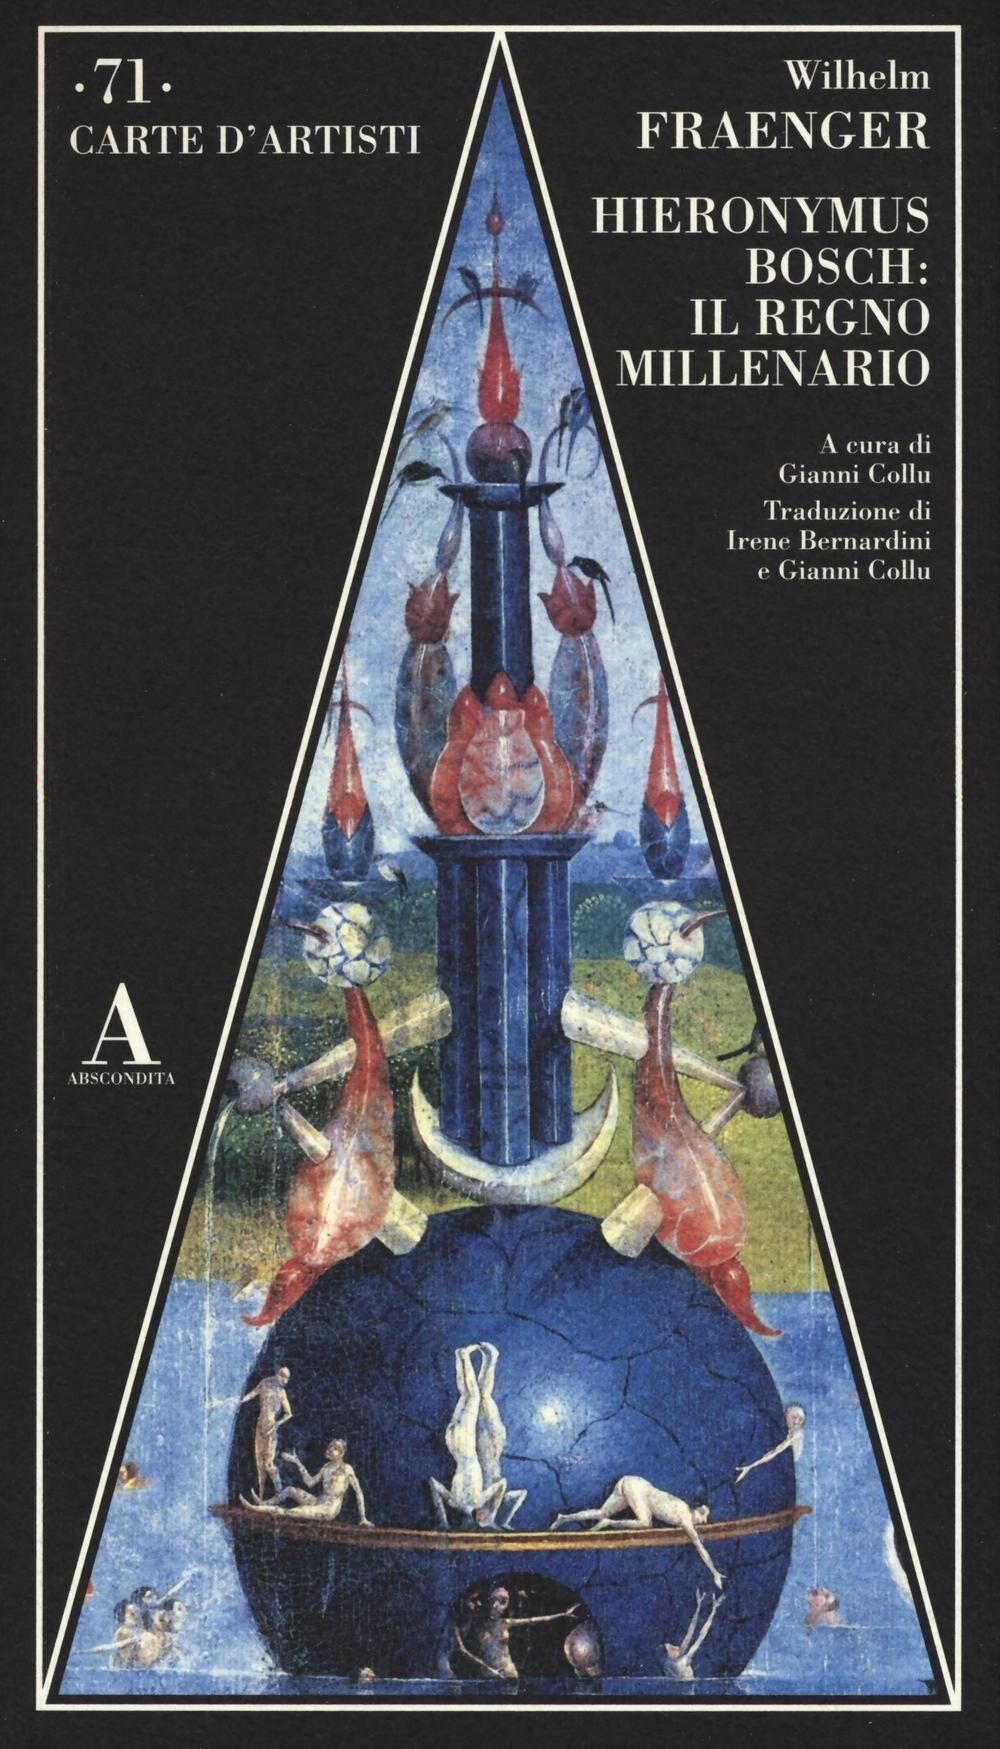 Hieronymus Bosch: il regno millenario